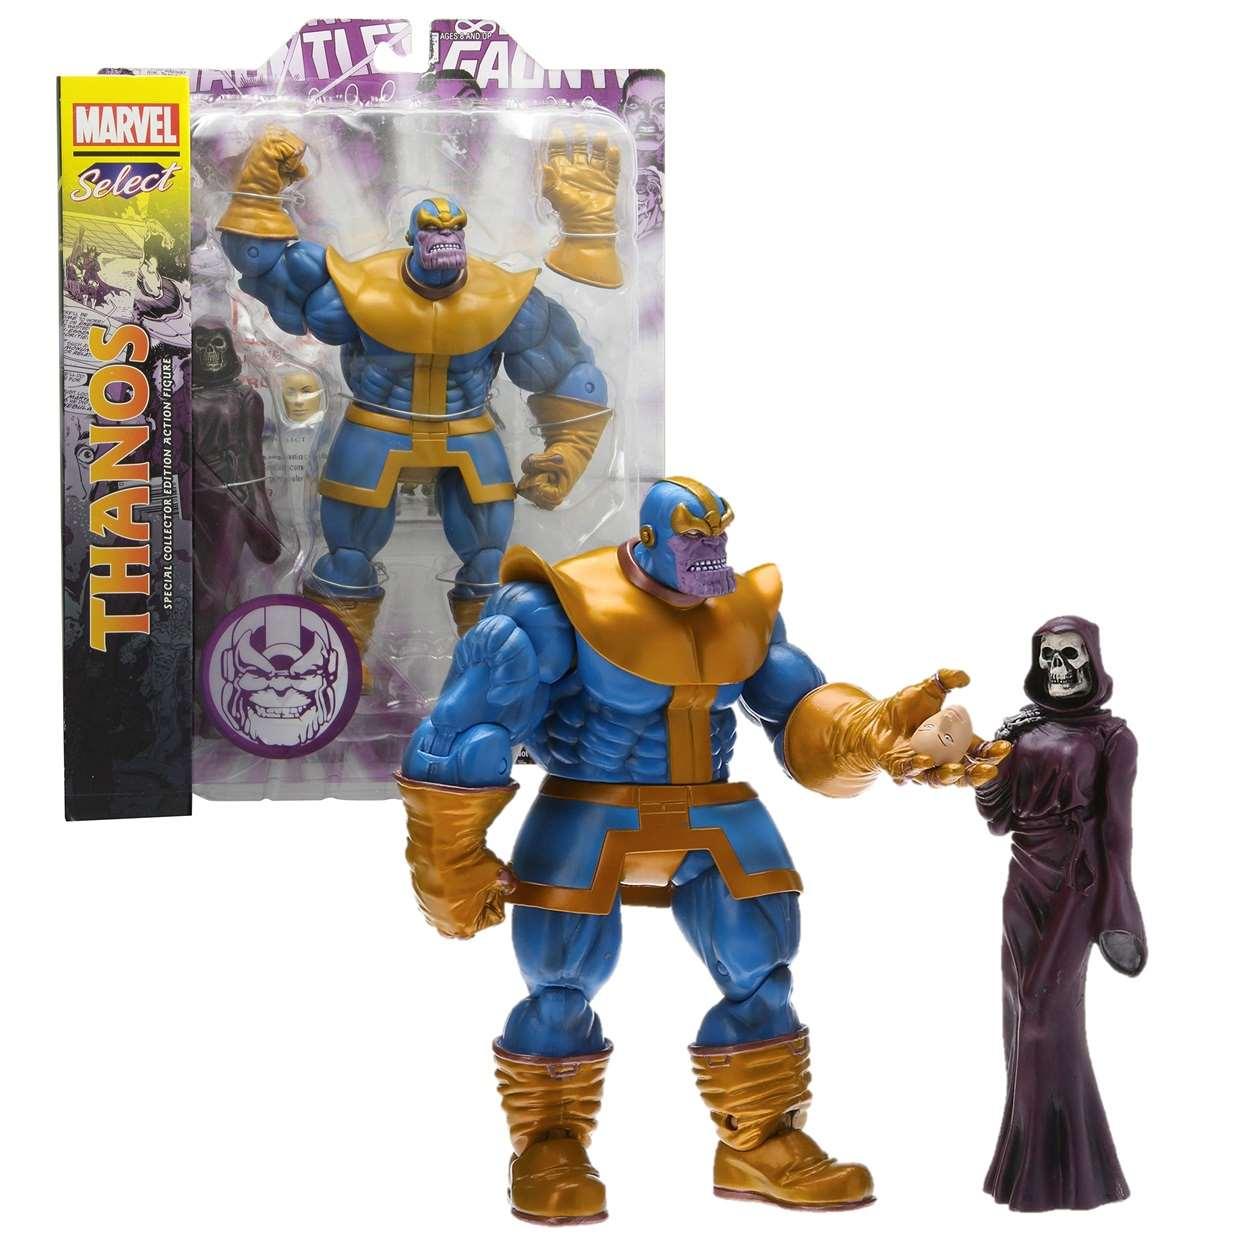 Thanos Y La Muerte Figura Marvel Select Disney Toys 6 PuLG